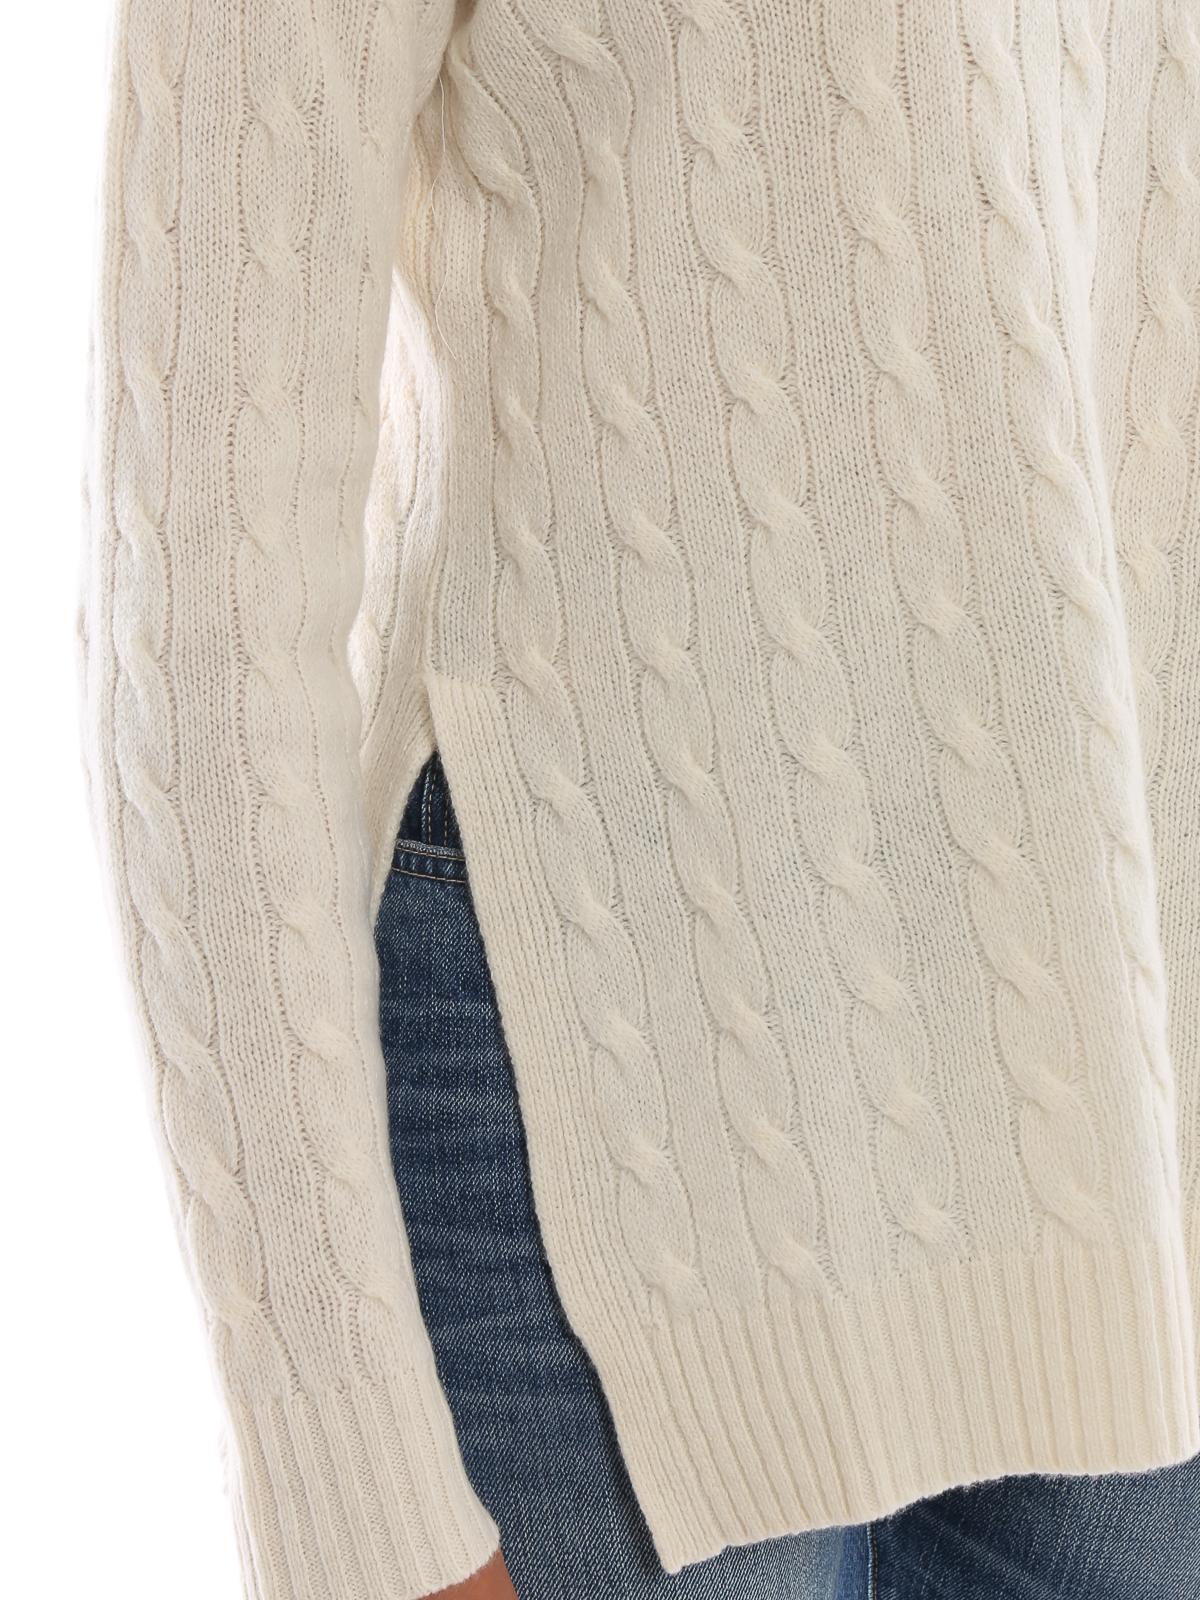 e76a34375a ... wholesale polo ralph lauren buy online suéter con cuello alto blanco  a59ed f6551